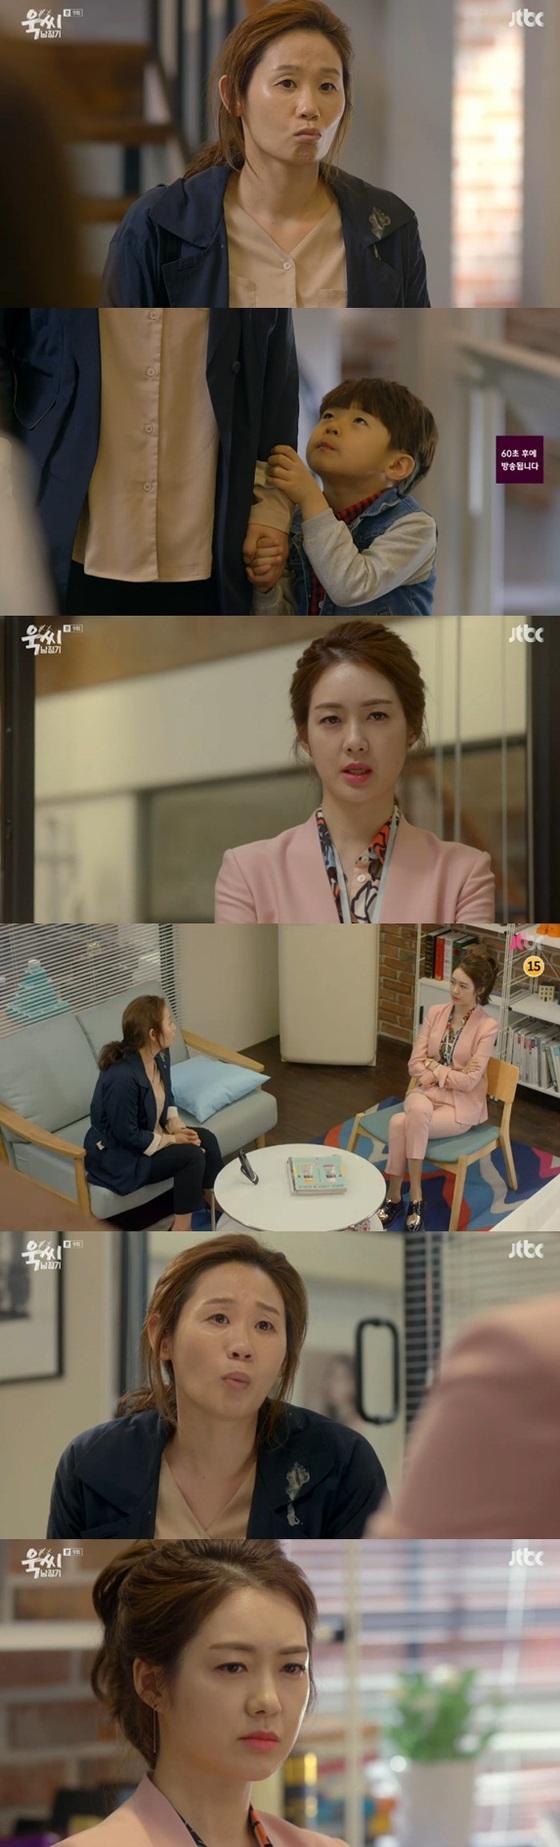 김선영이 워킹맘의 고충을 토로했다. ⓒ News1star / JTBC '욱씨남정기' 캡처